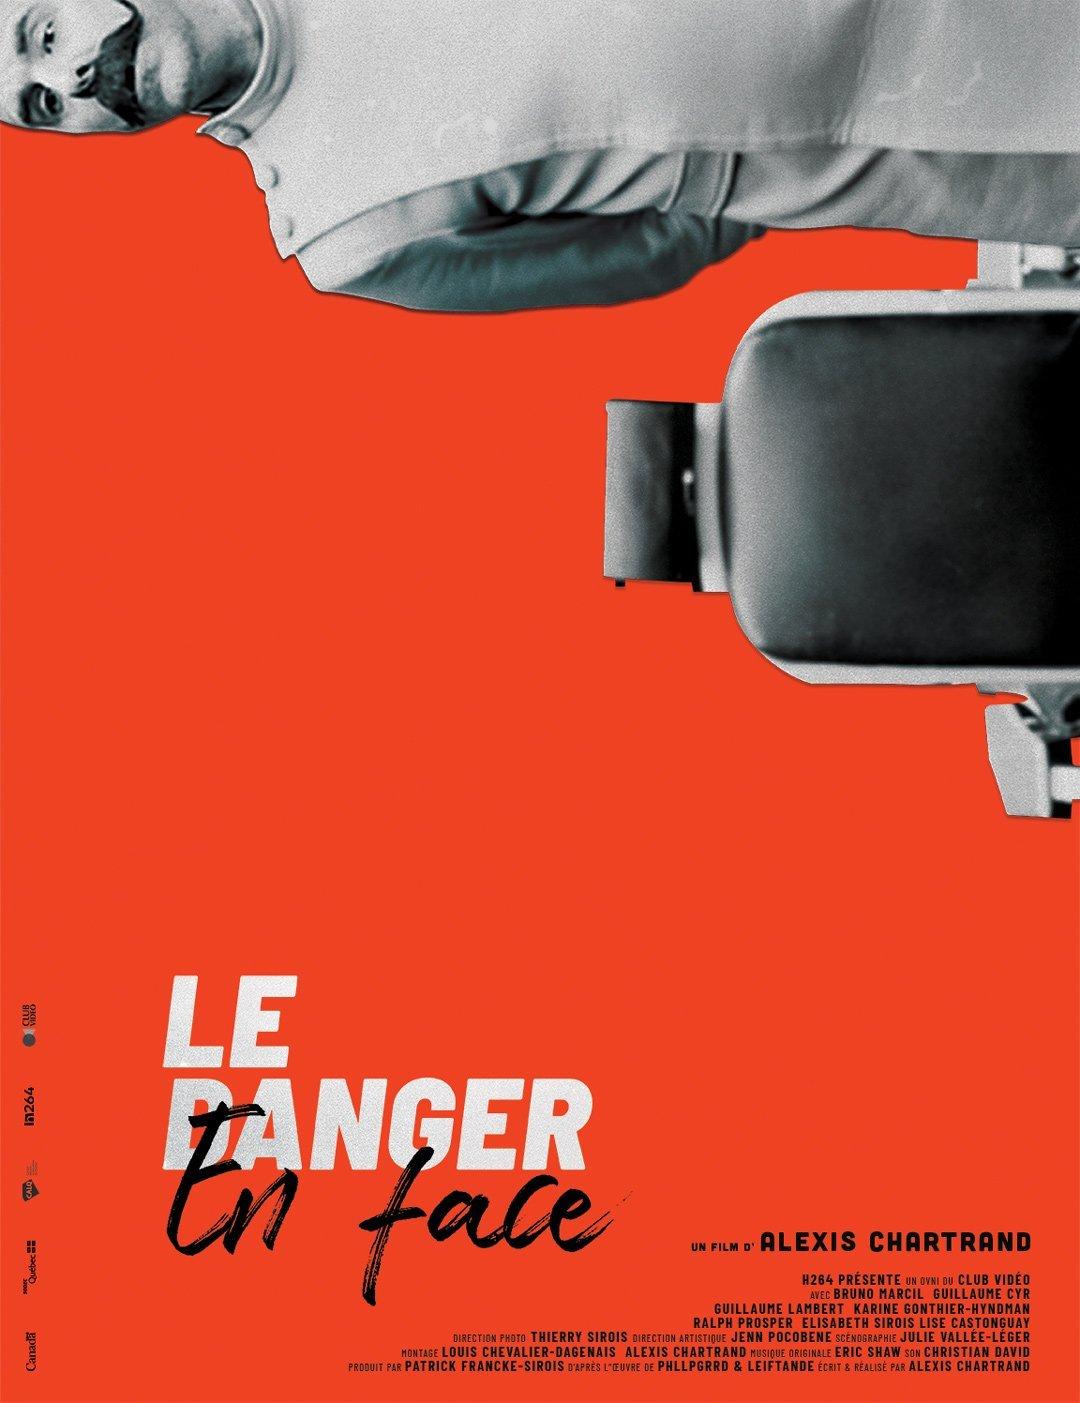 Le danger en face, un film d'Alexis Chartrand